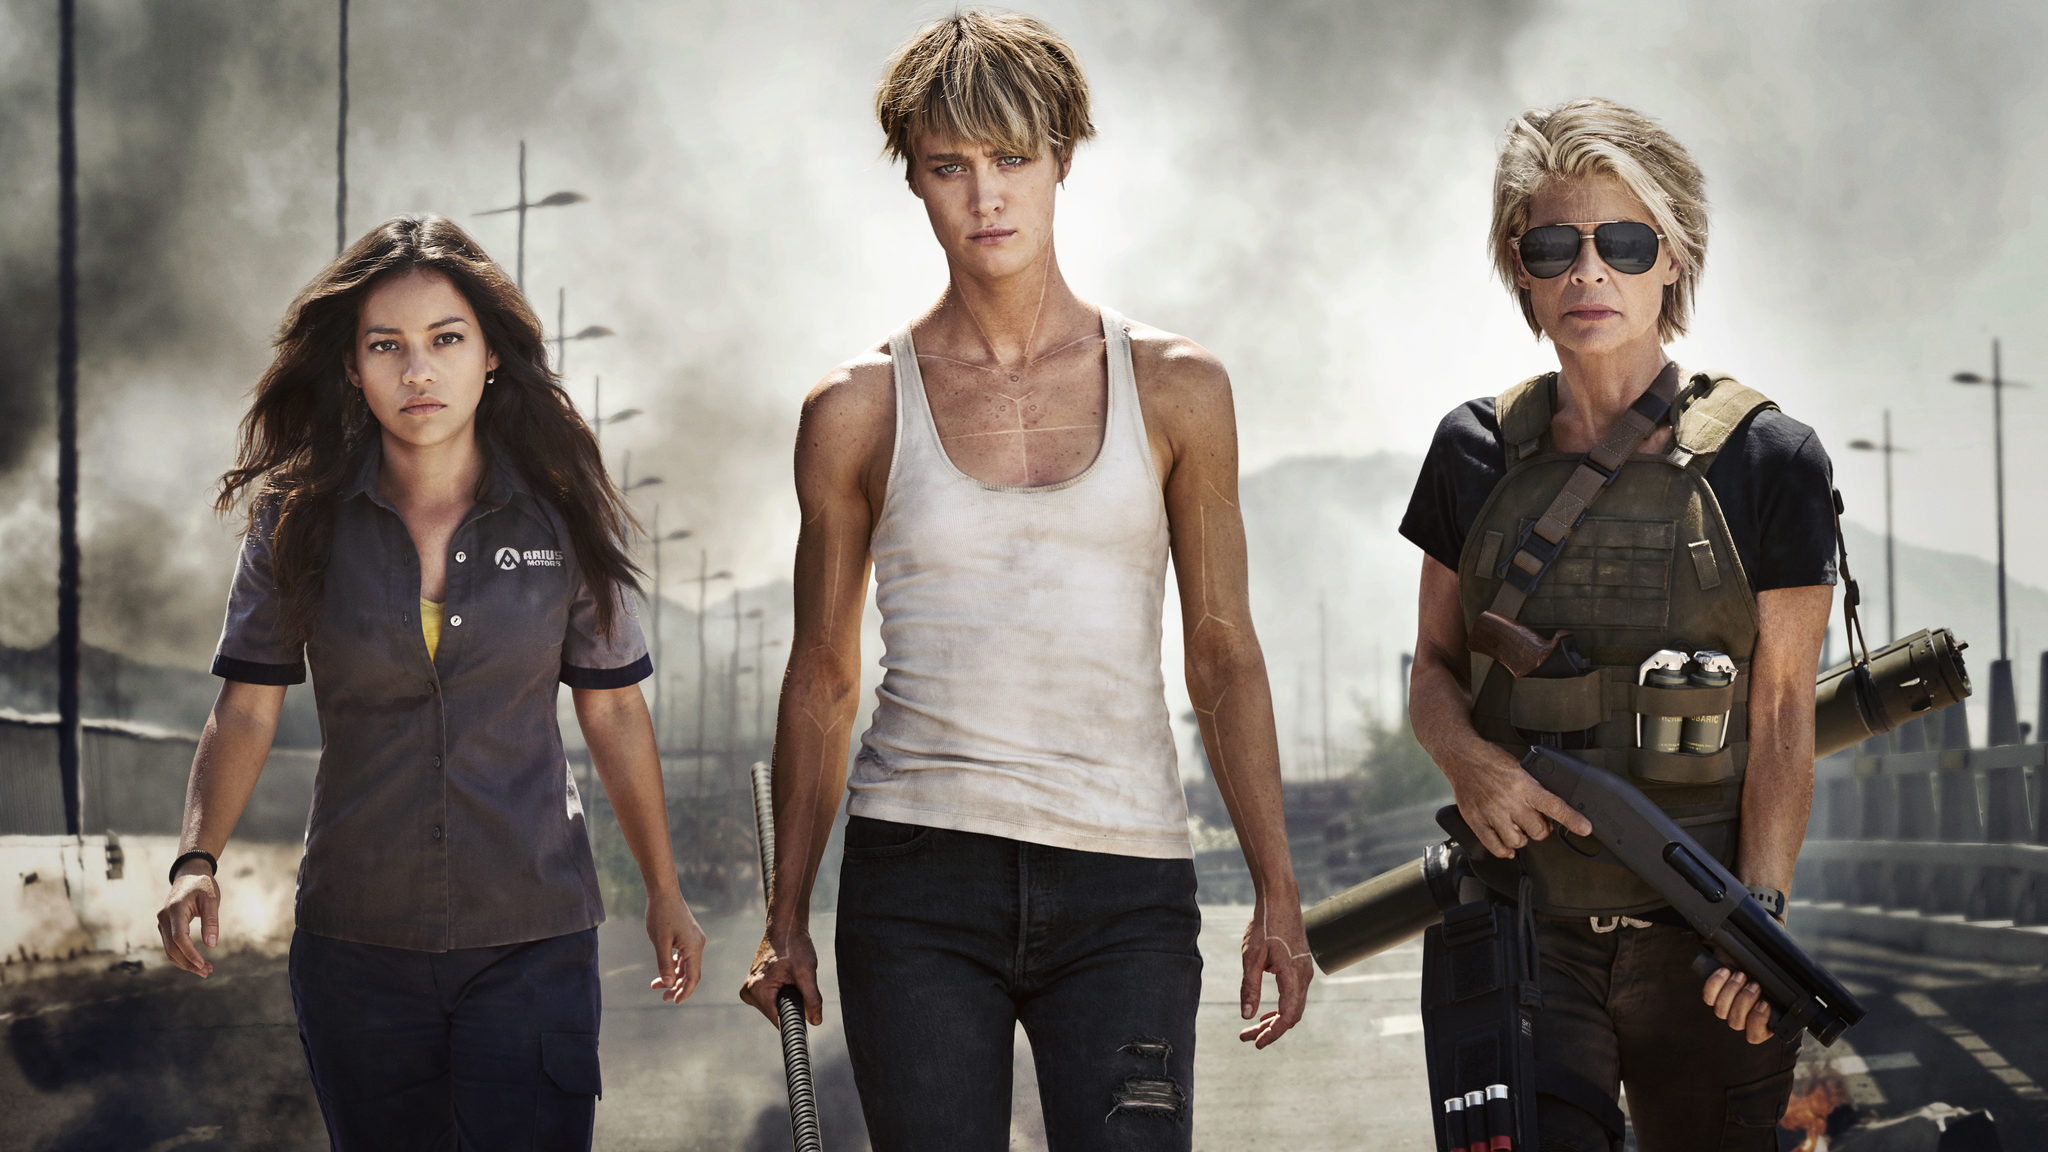 O Exterminador do Futuro: Destino Sombrio estreia em outubro nos cinemas (Divulgação)